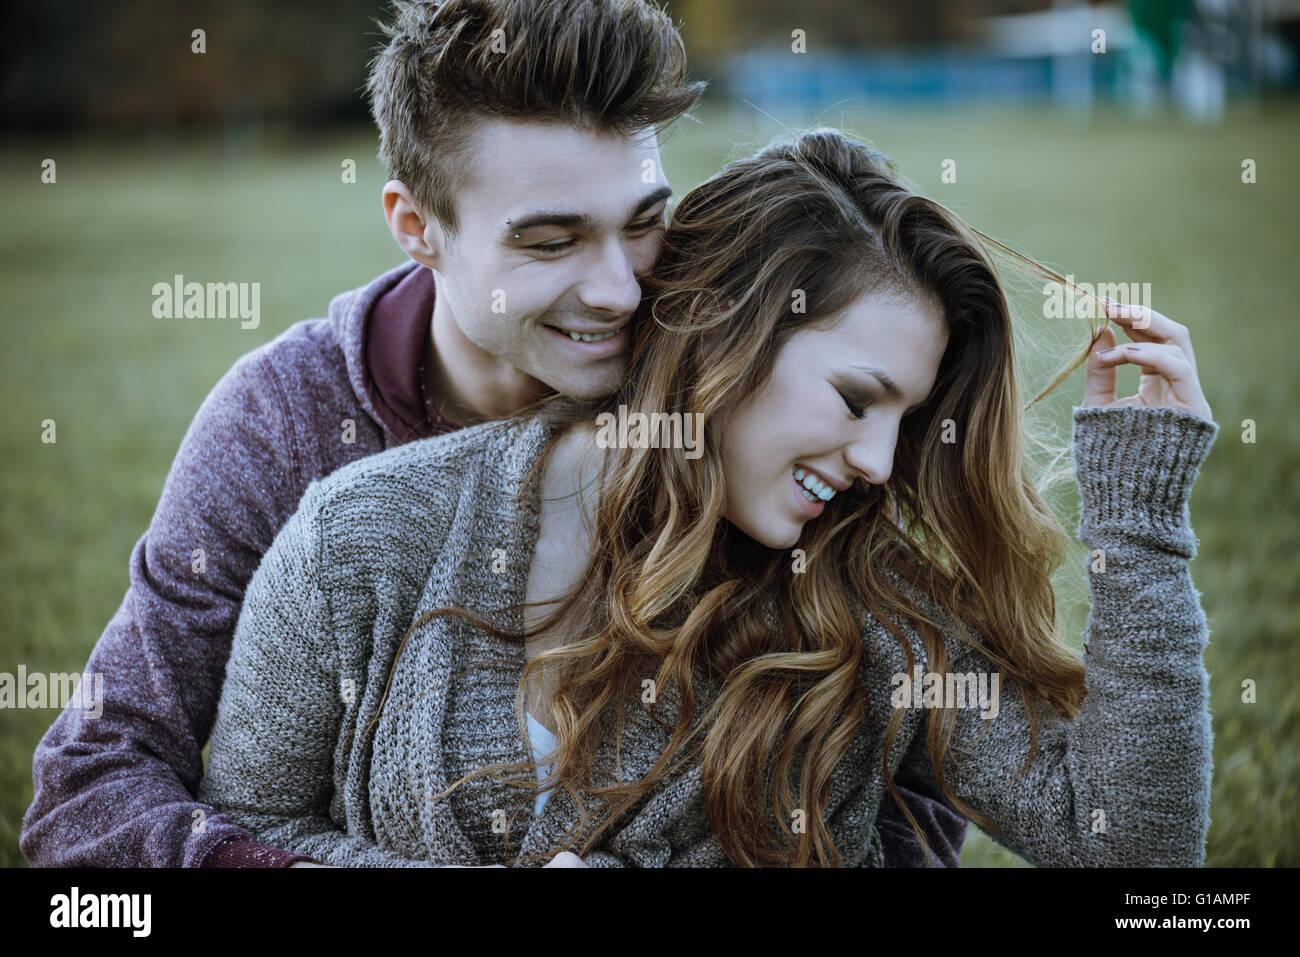 Jeune couple ludique assis sur l'herbe et s'étreindre, ils rient et profiter de Photo Stock